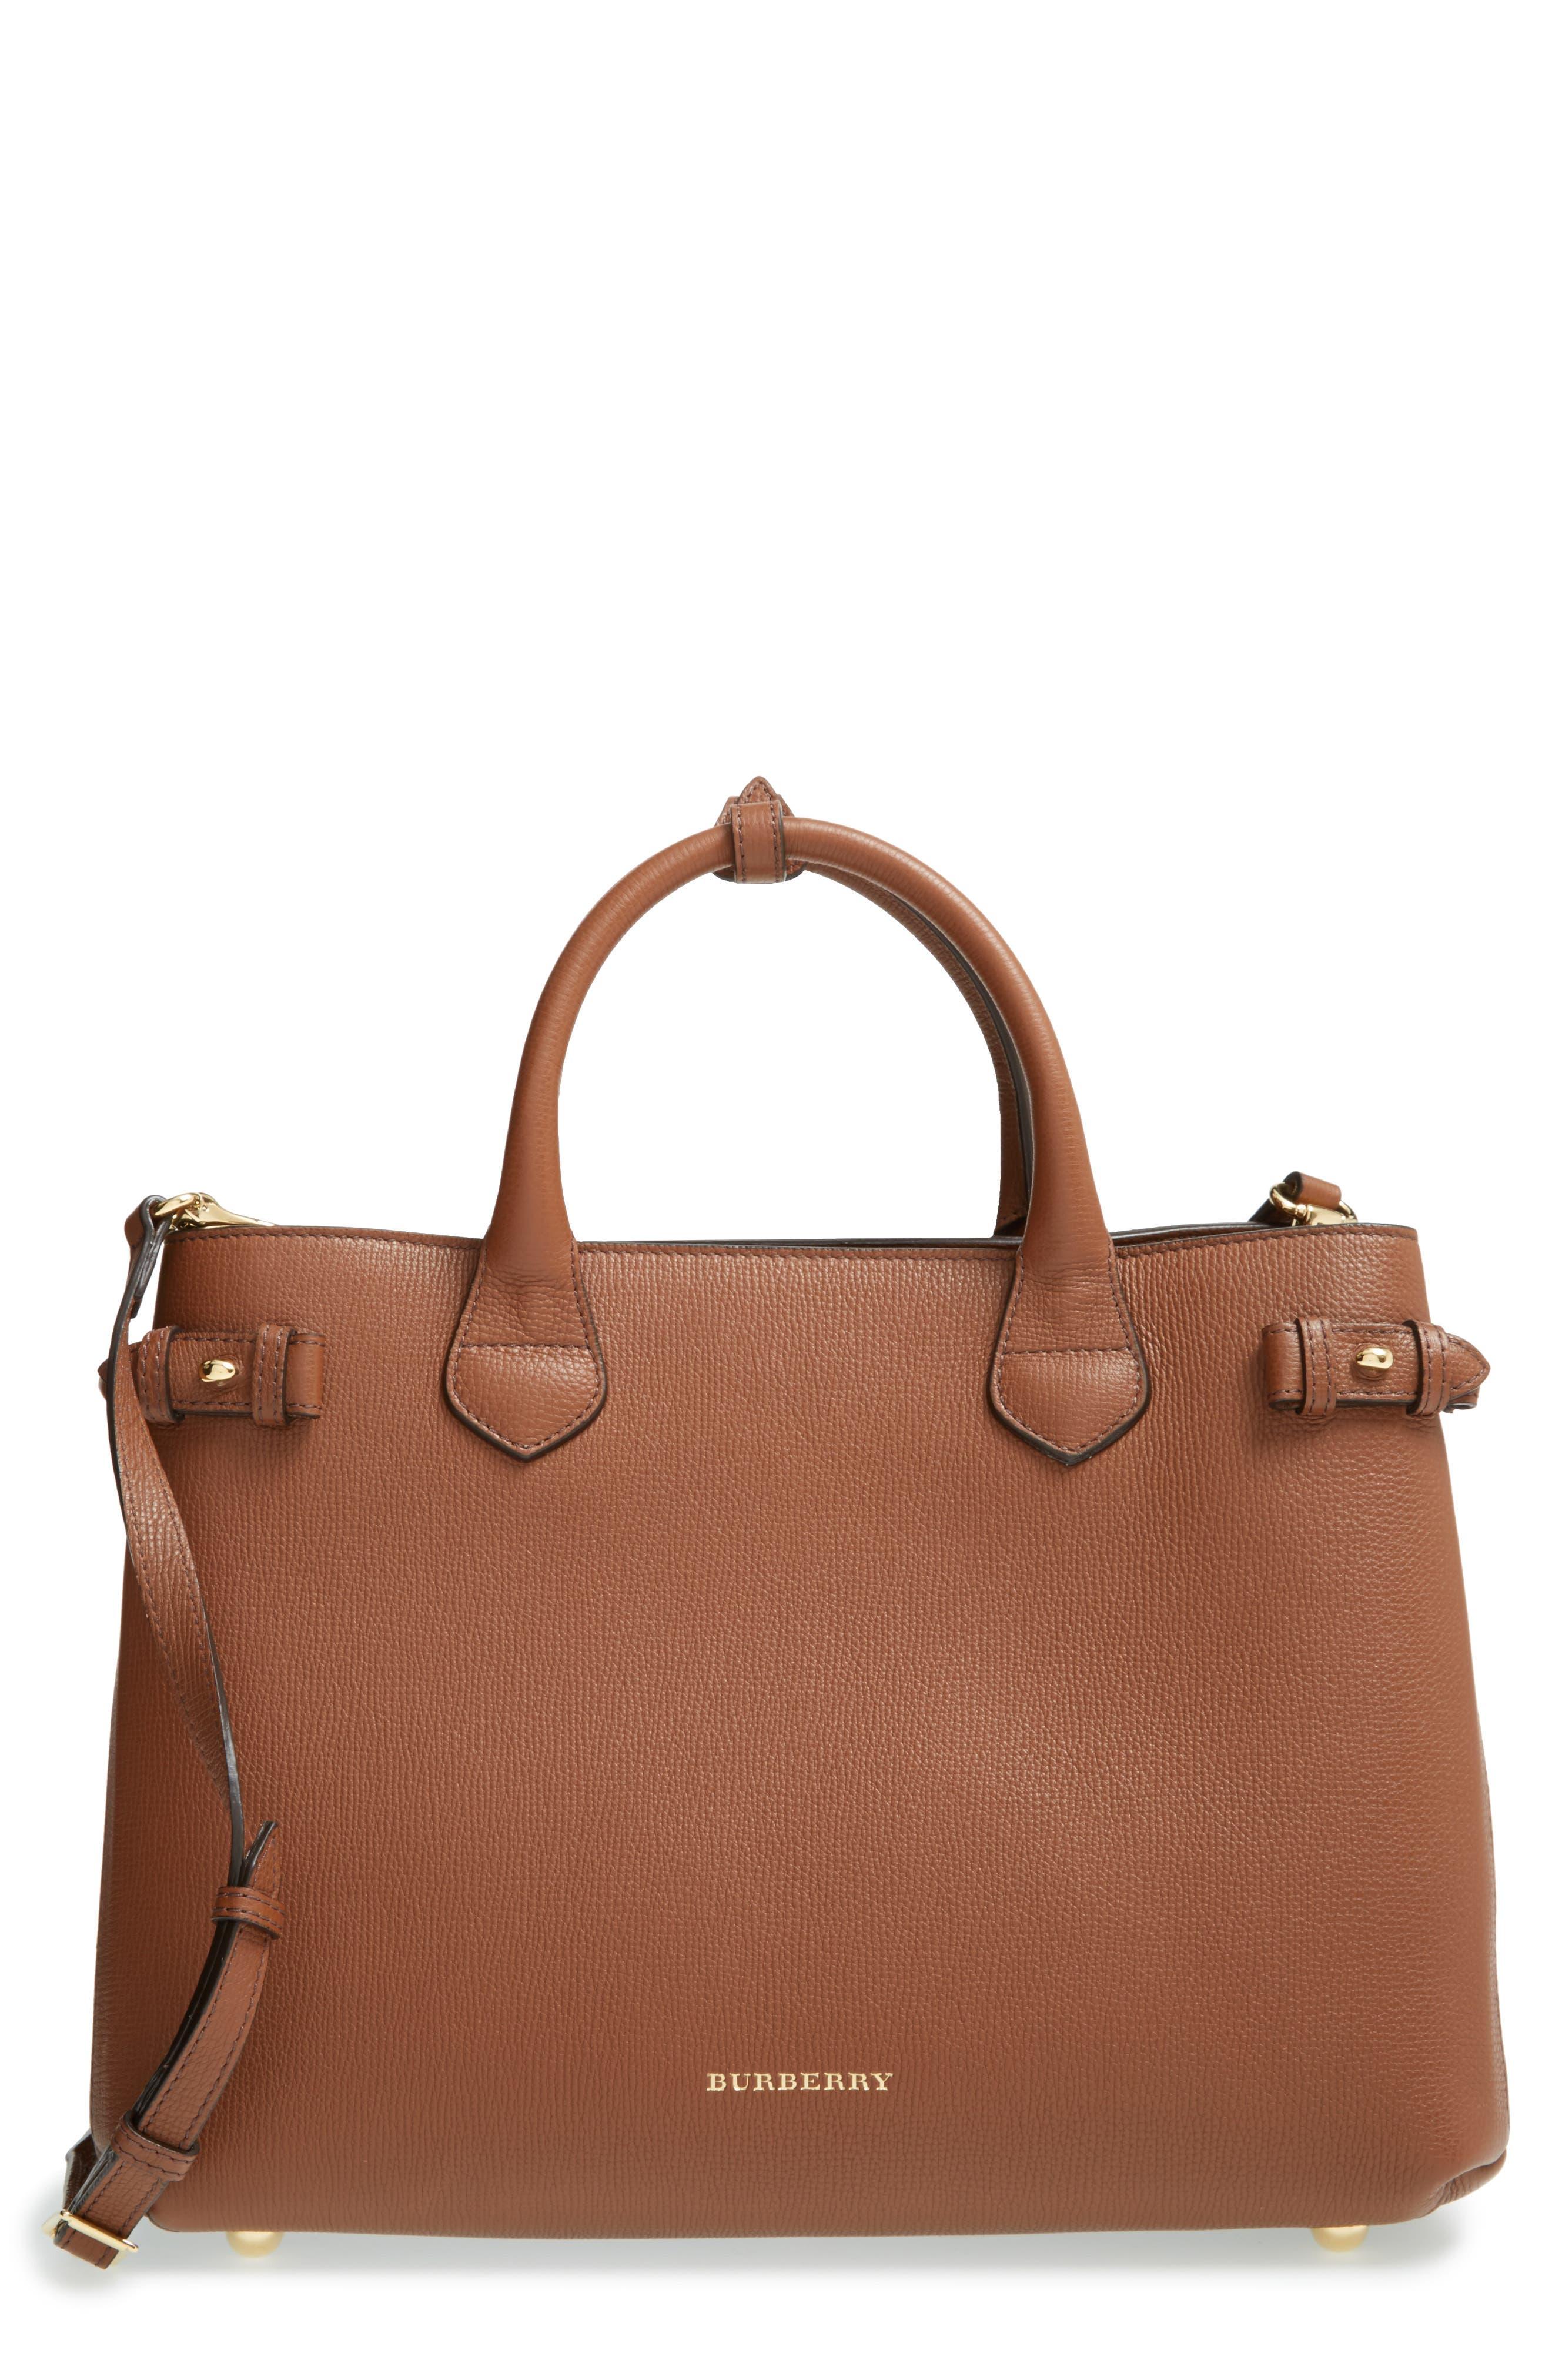 6e8742f010 Burberry Women s Handbags